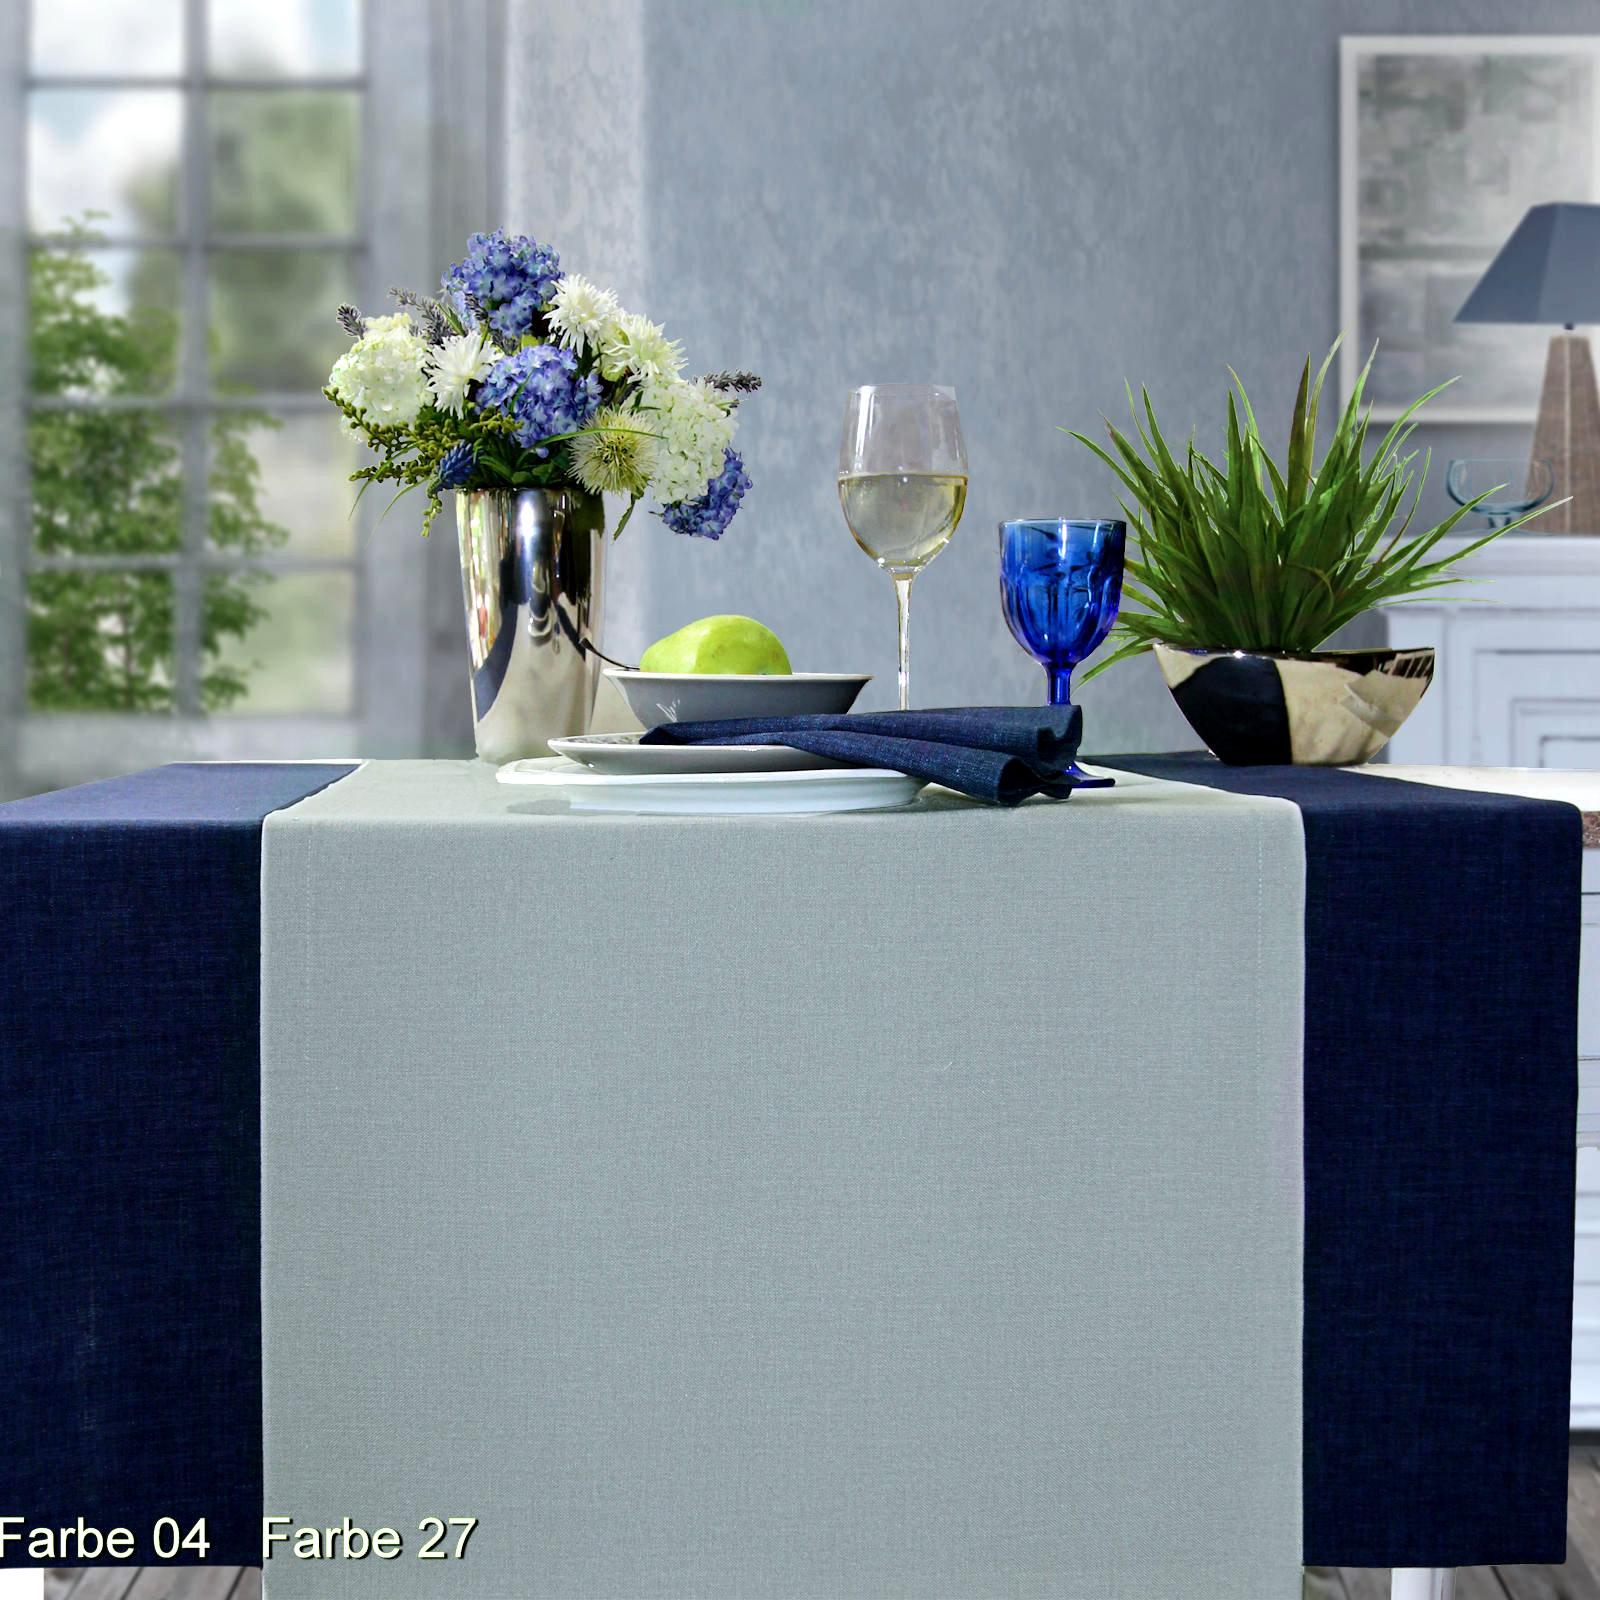 Blaue Tischdecke und grauer Tischläufer